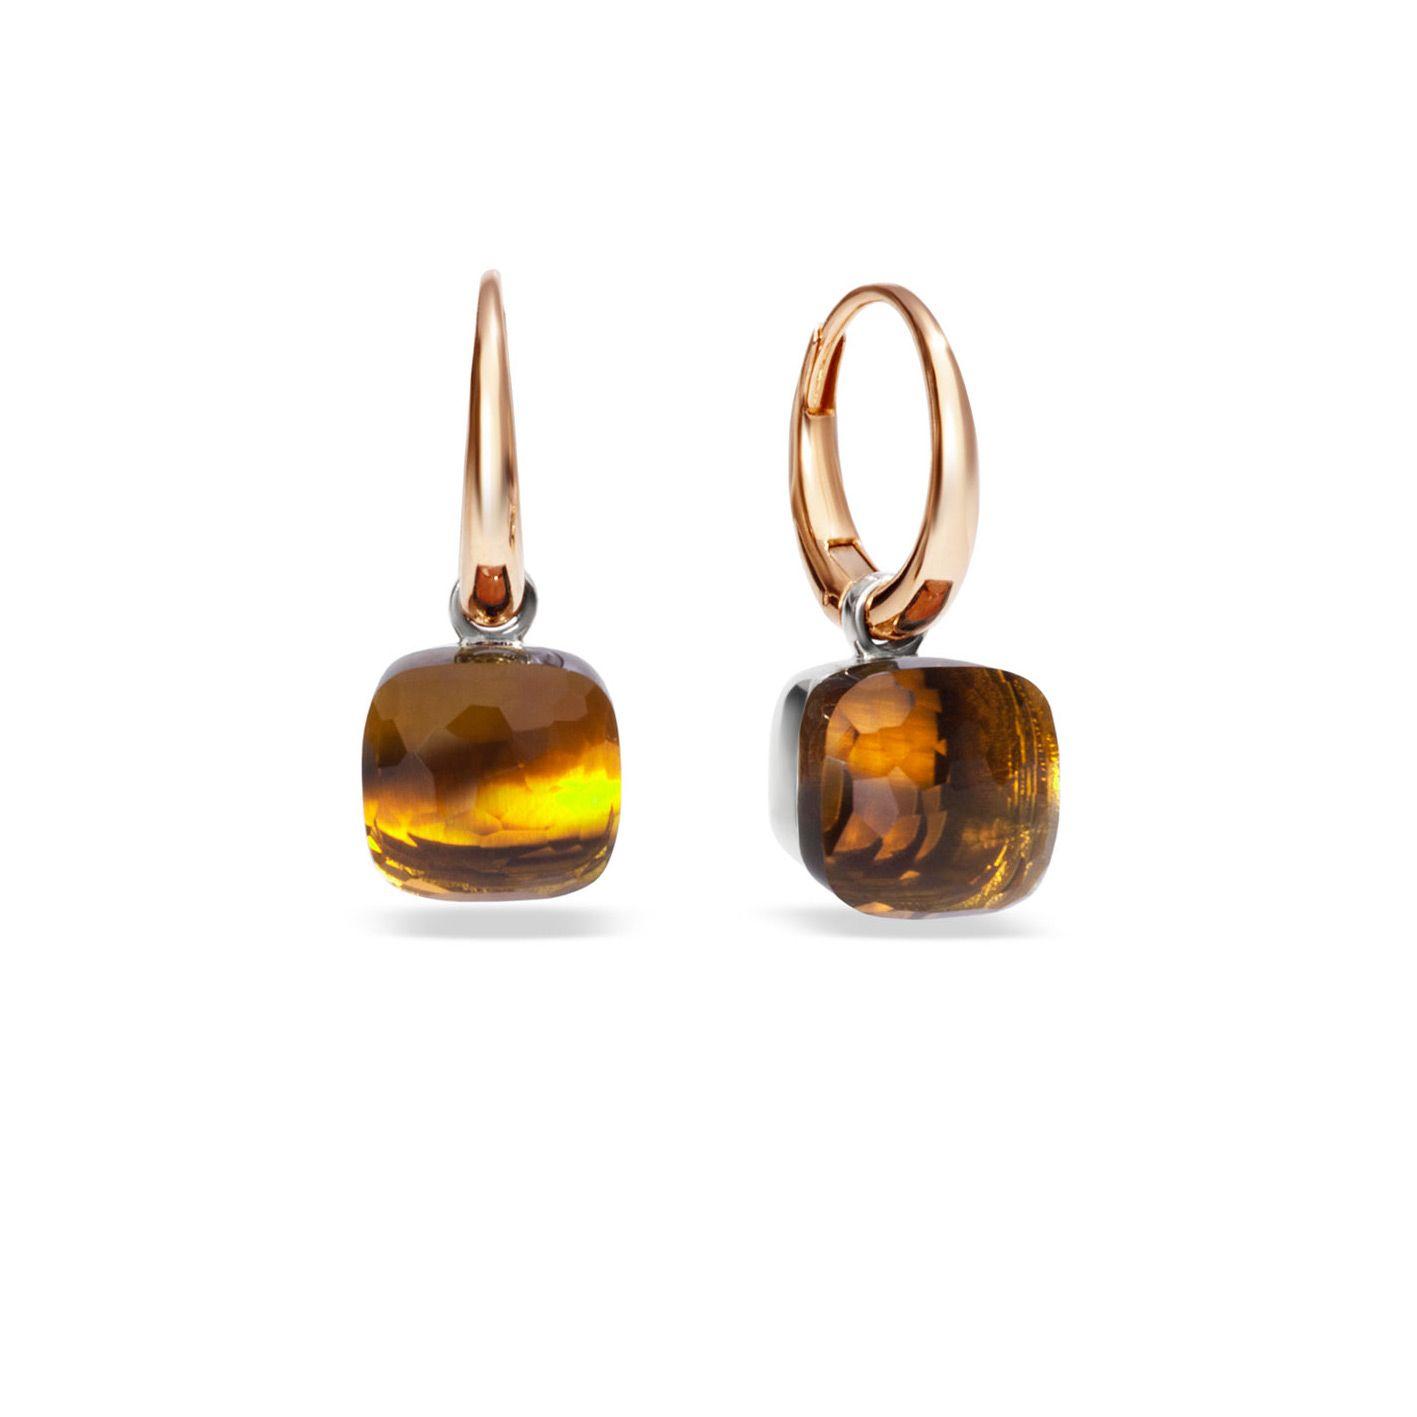 Boucles d'oreilles Pomellato Nudo en Or rose, or blanc et Quartz madère vue 1